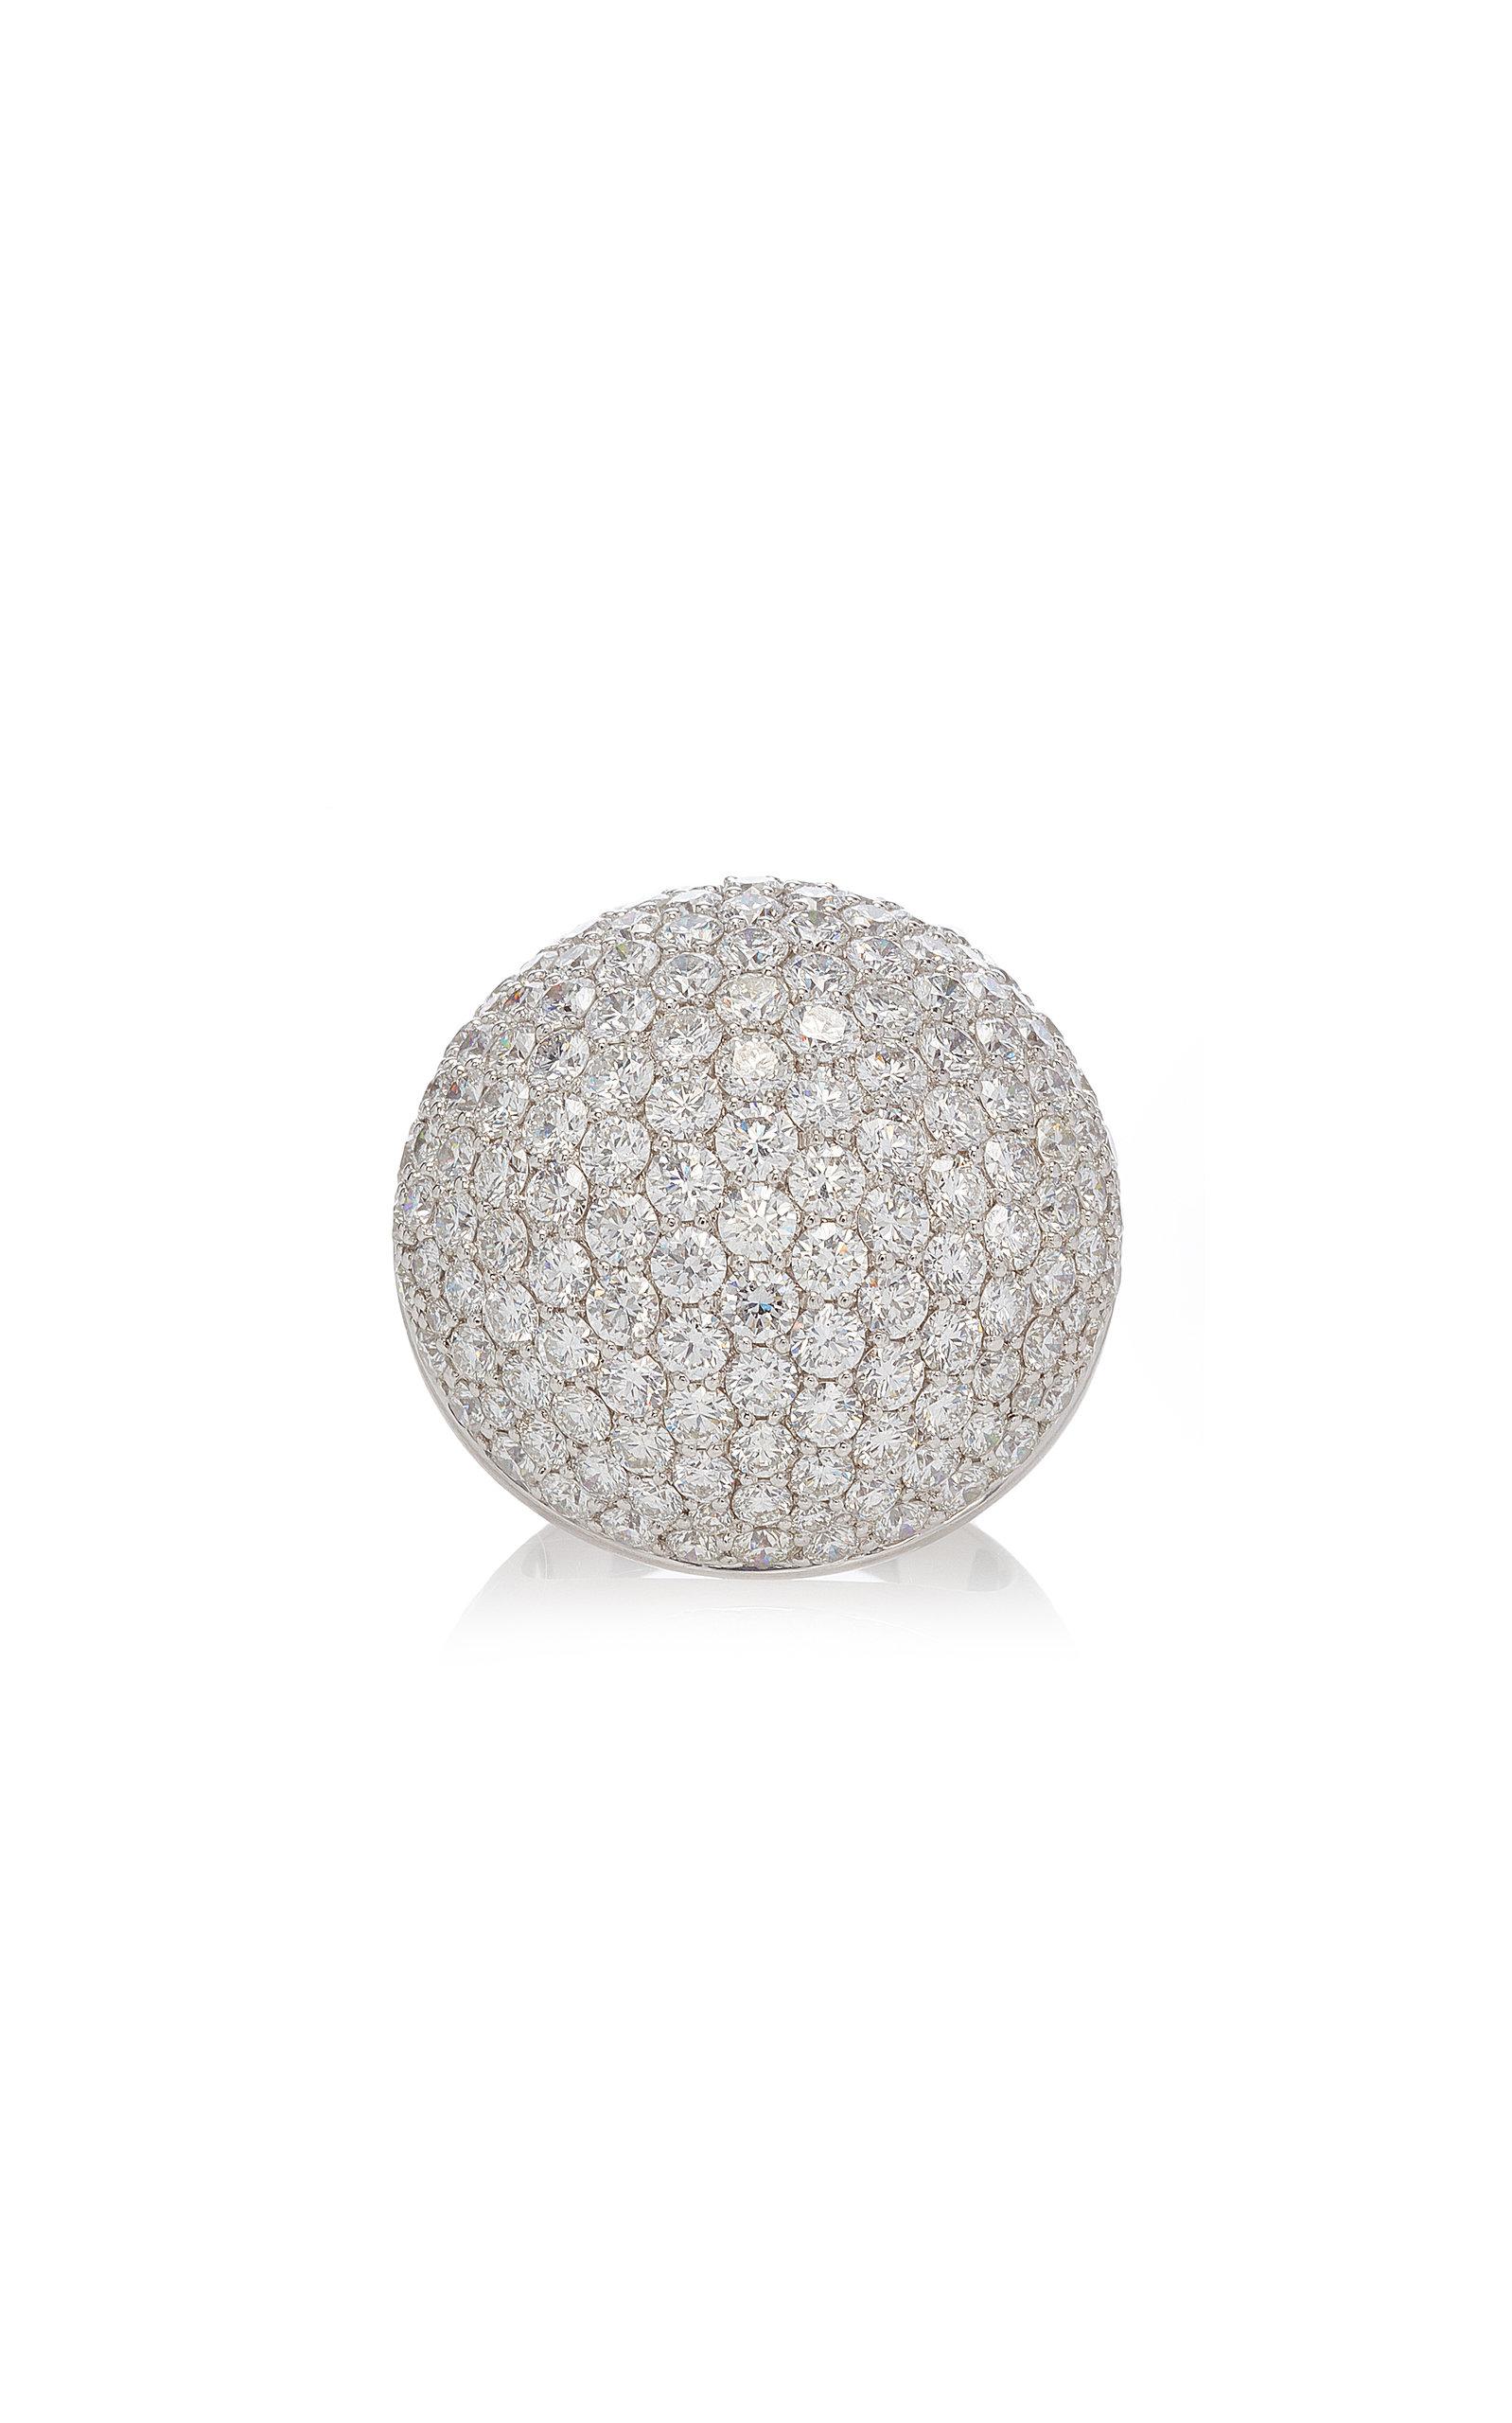 SABBADINI White Gold Diamond Ring